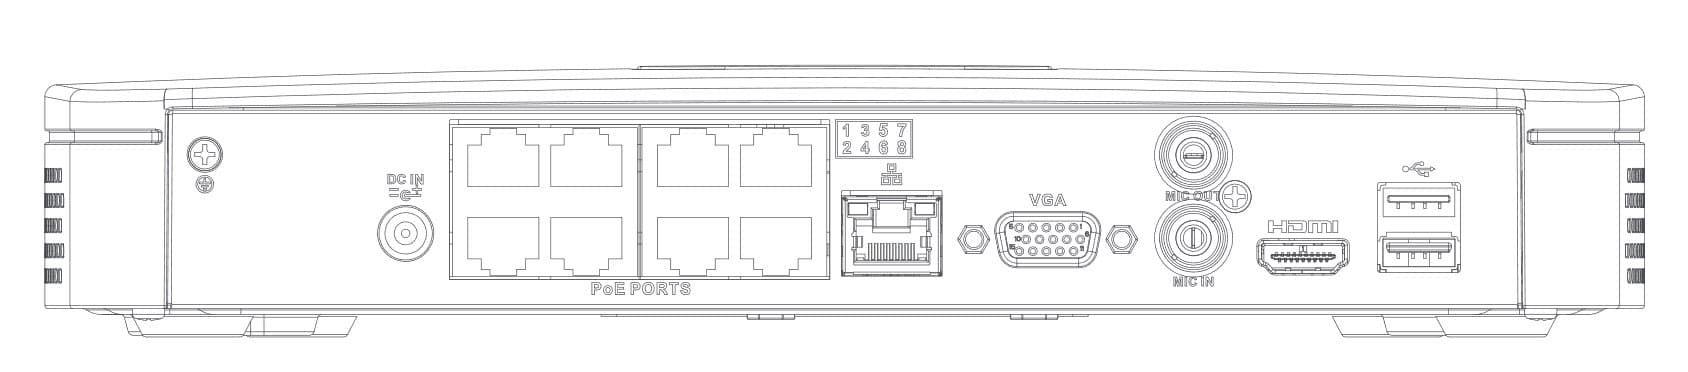 DH-NVR4108-8P-4KS2-задняя панель